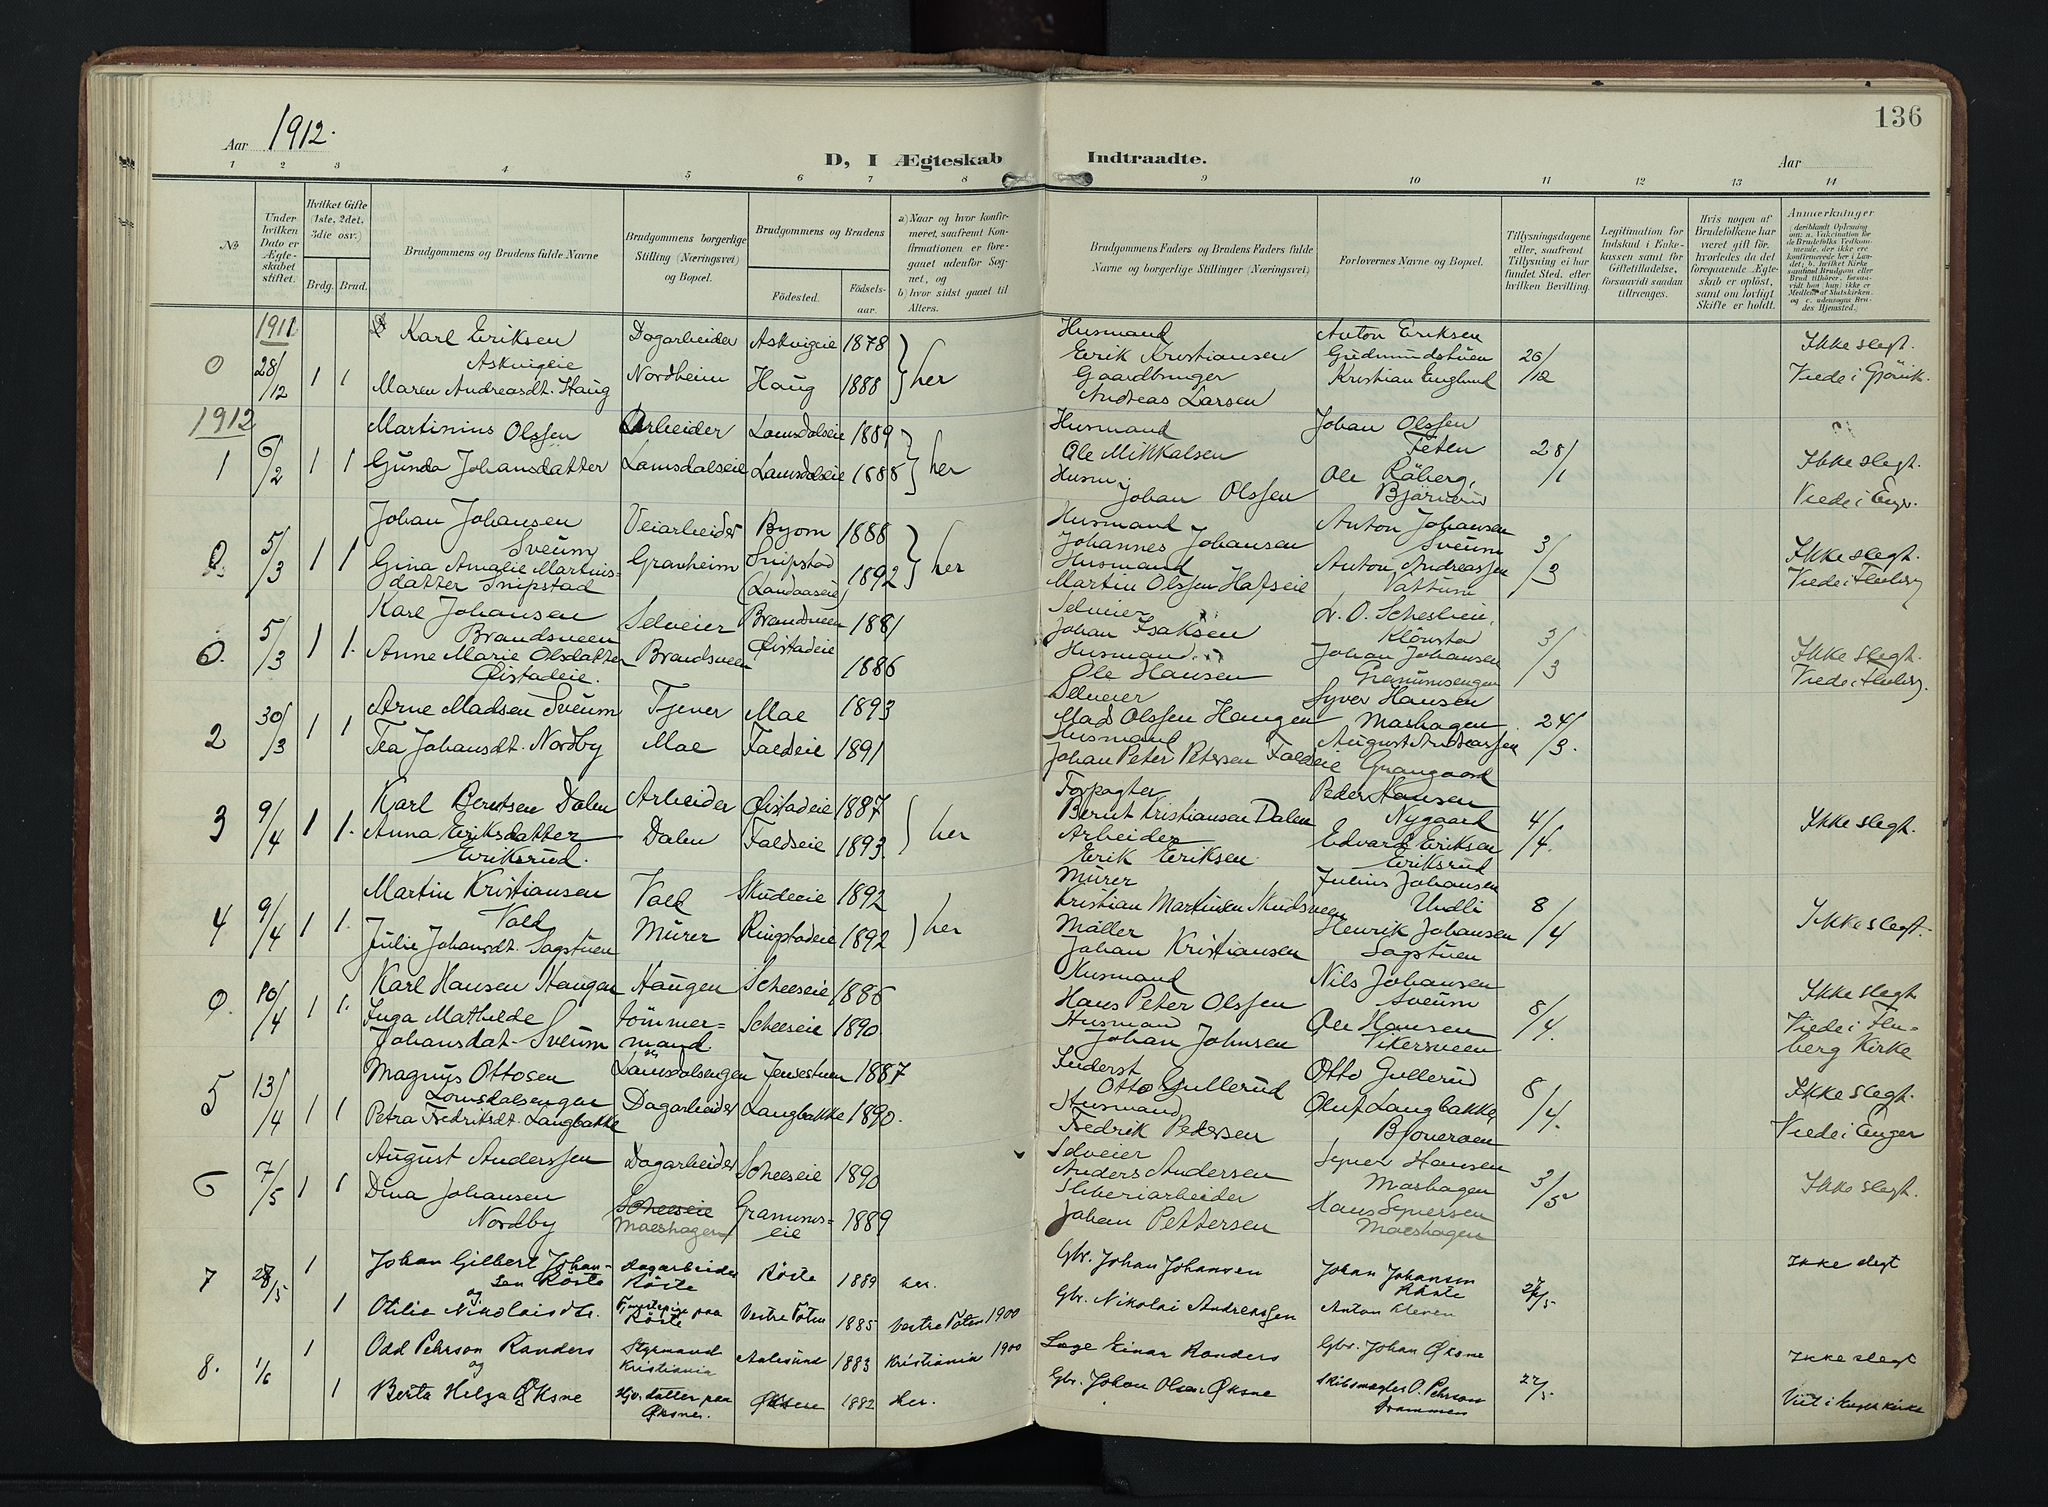 SAH, Søndre Land prestekontor, K/L0007: Ministerialbok nr. 7, 1905-1914, s. 136